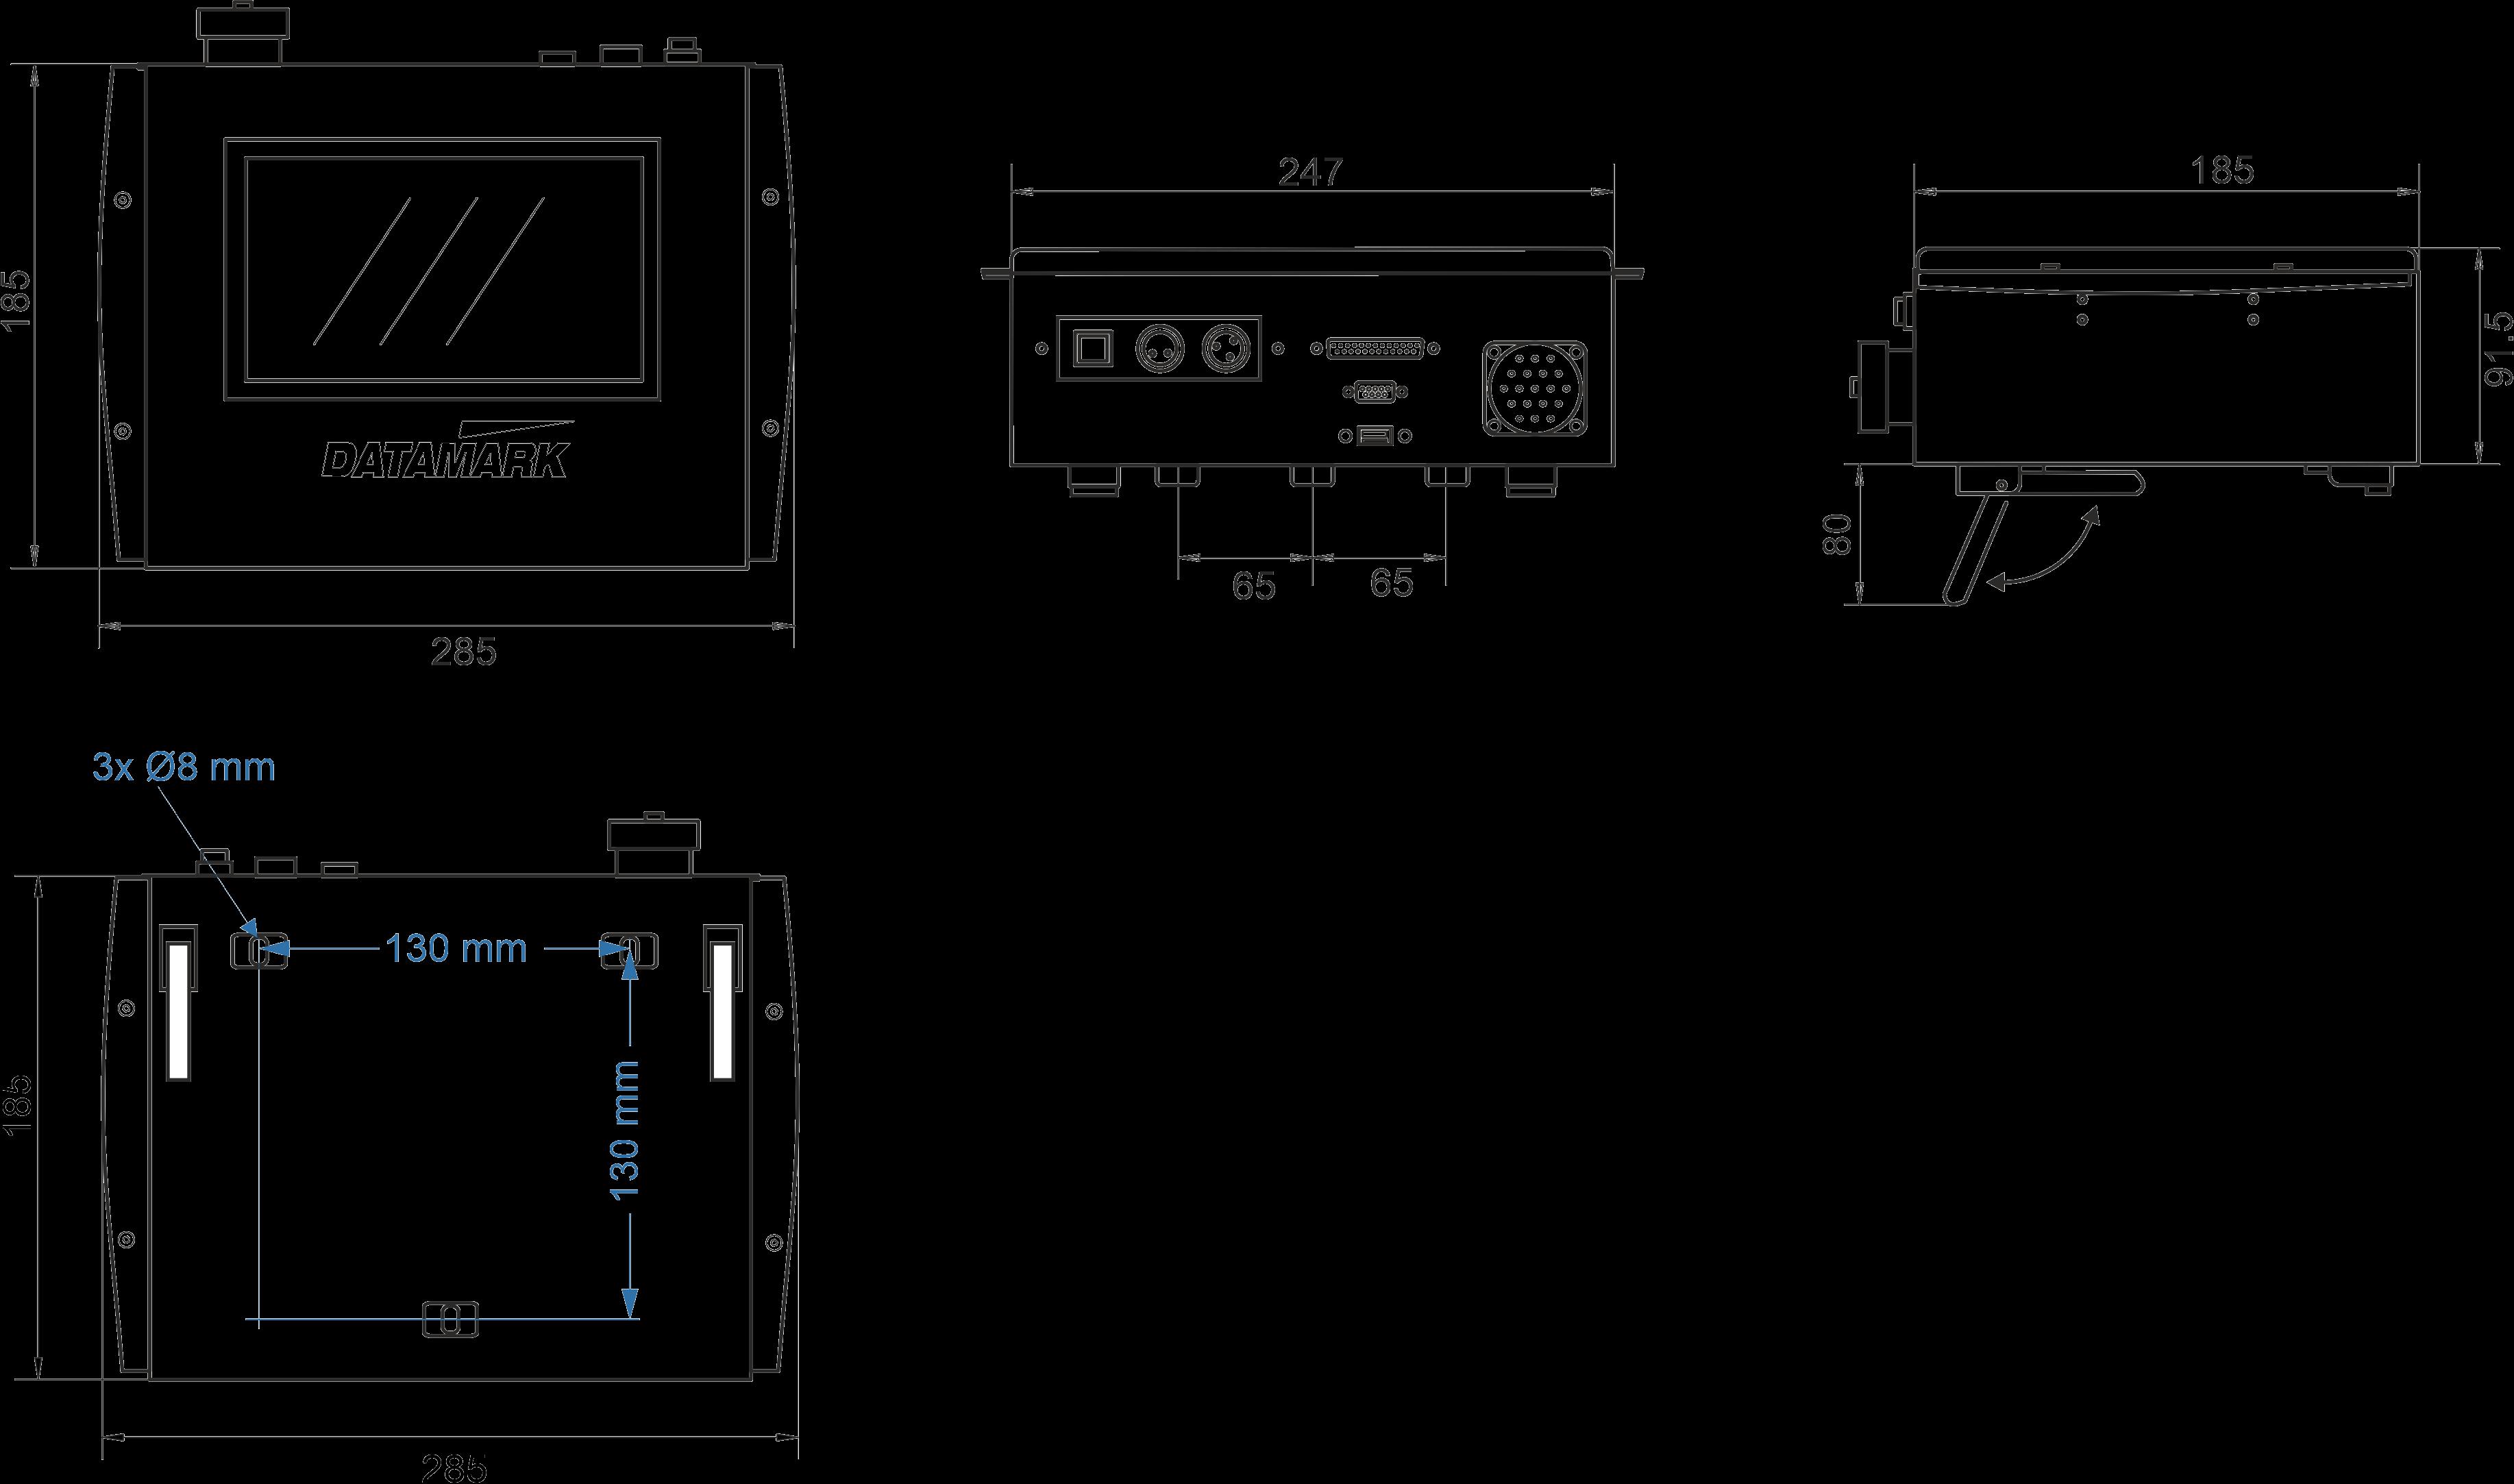 Plano del controlador táctil Datamark